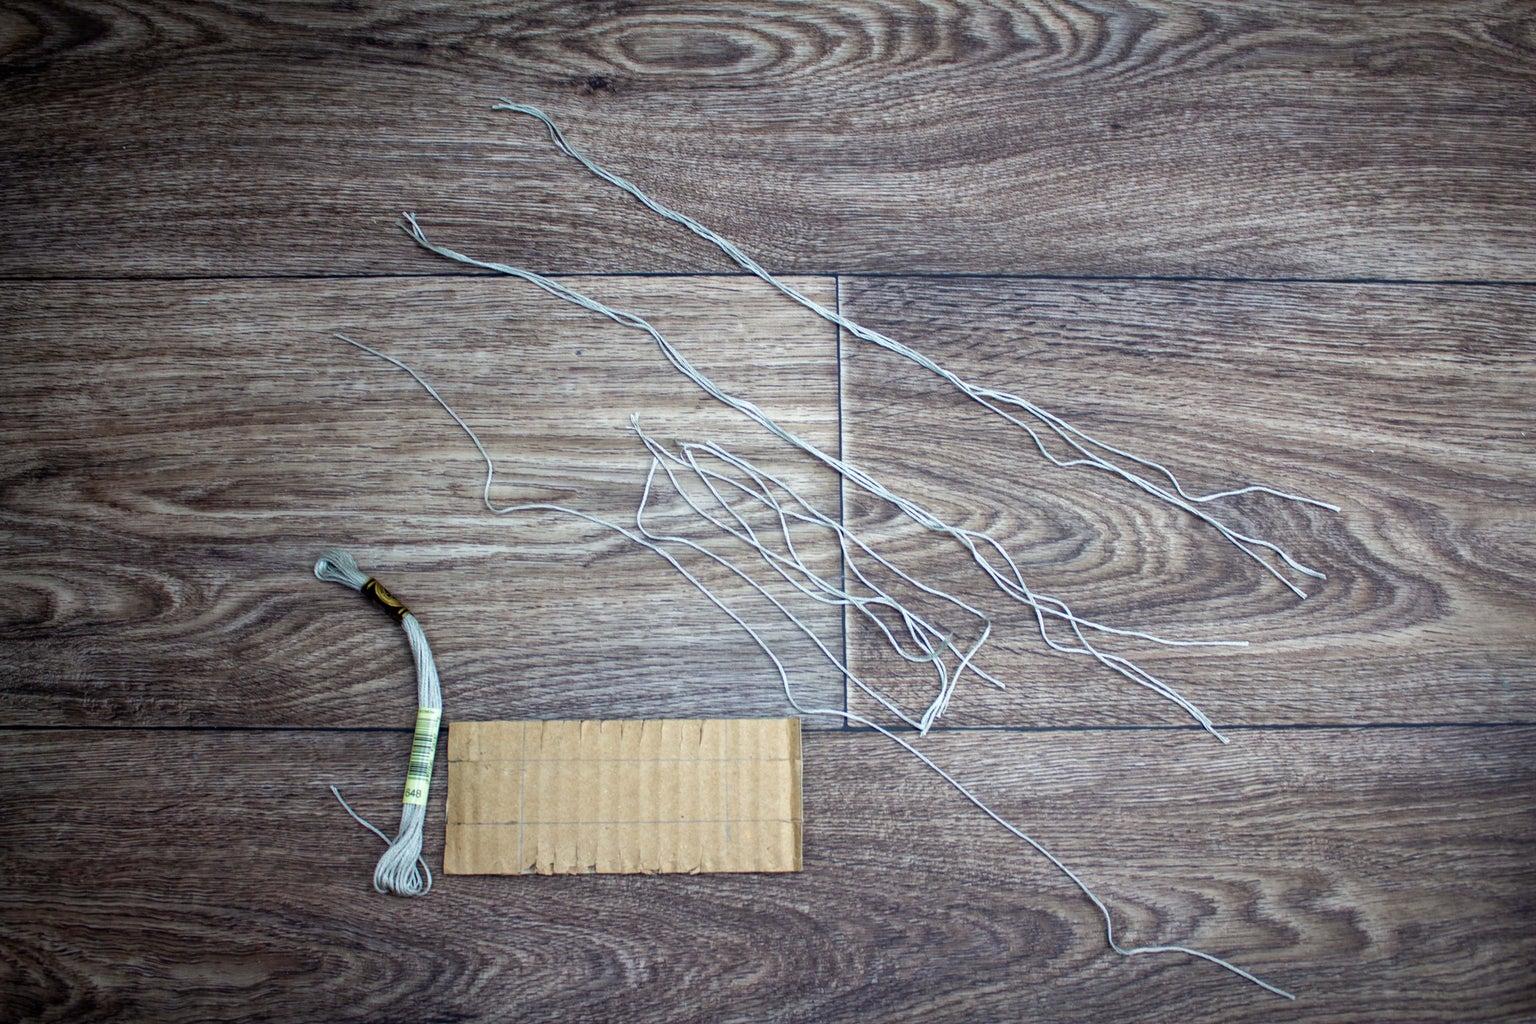 Cut Strings